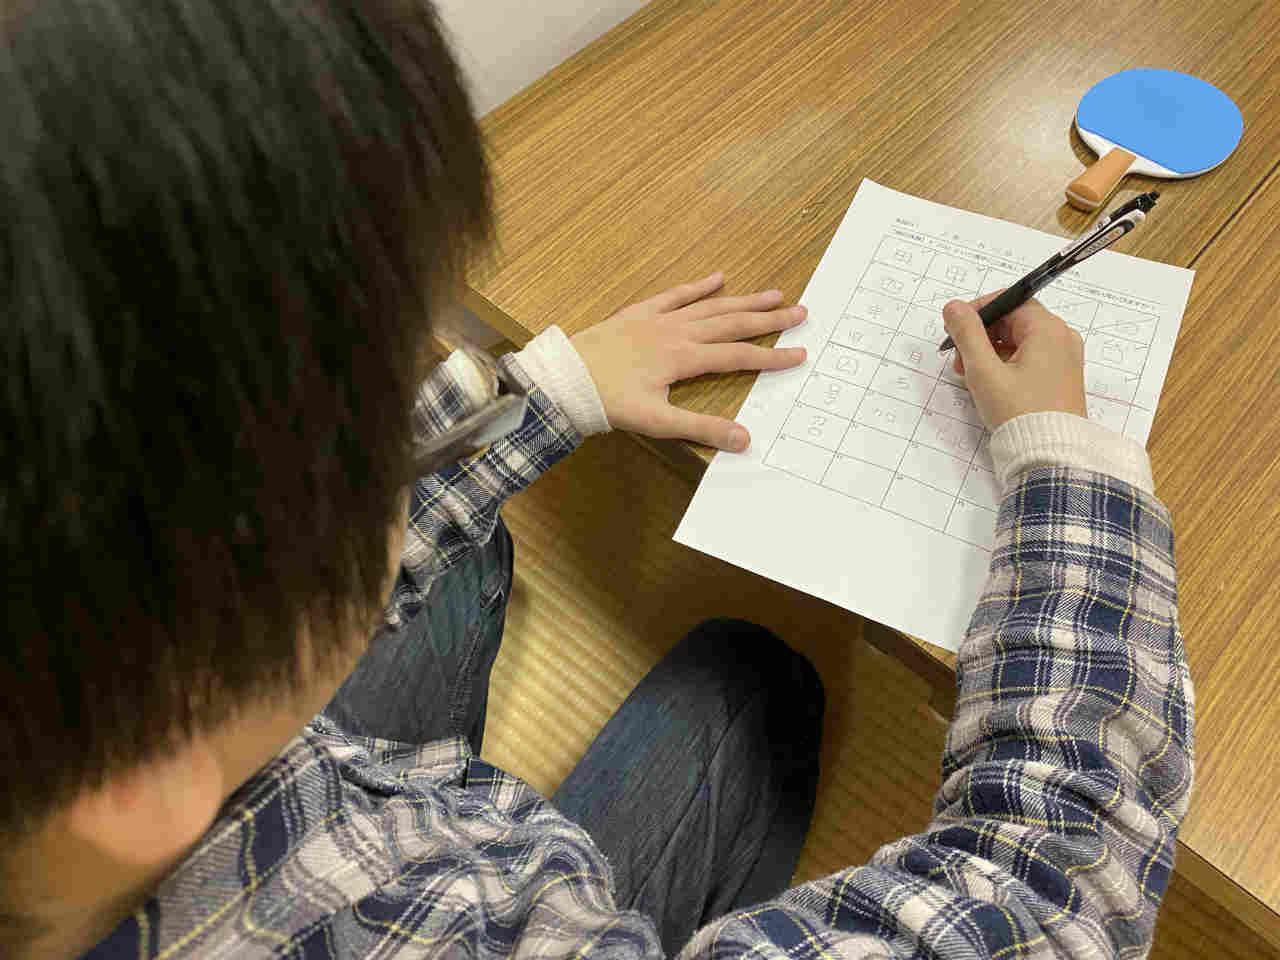 【活動報告】頭の体操「口」という字に二画足すとできる漢字を何字書けるか?